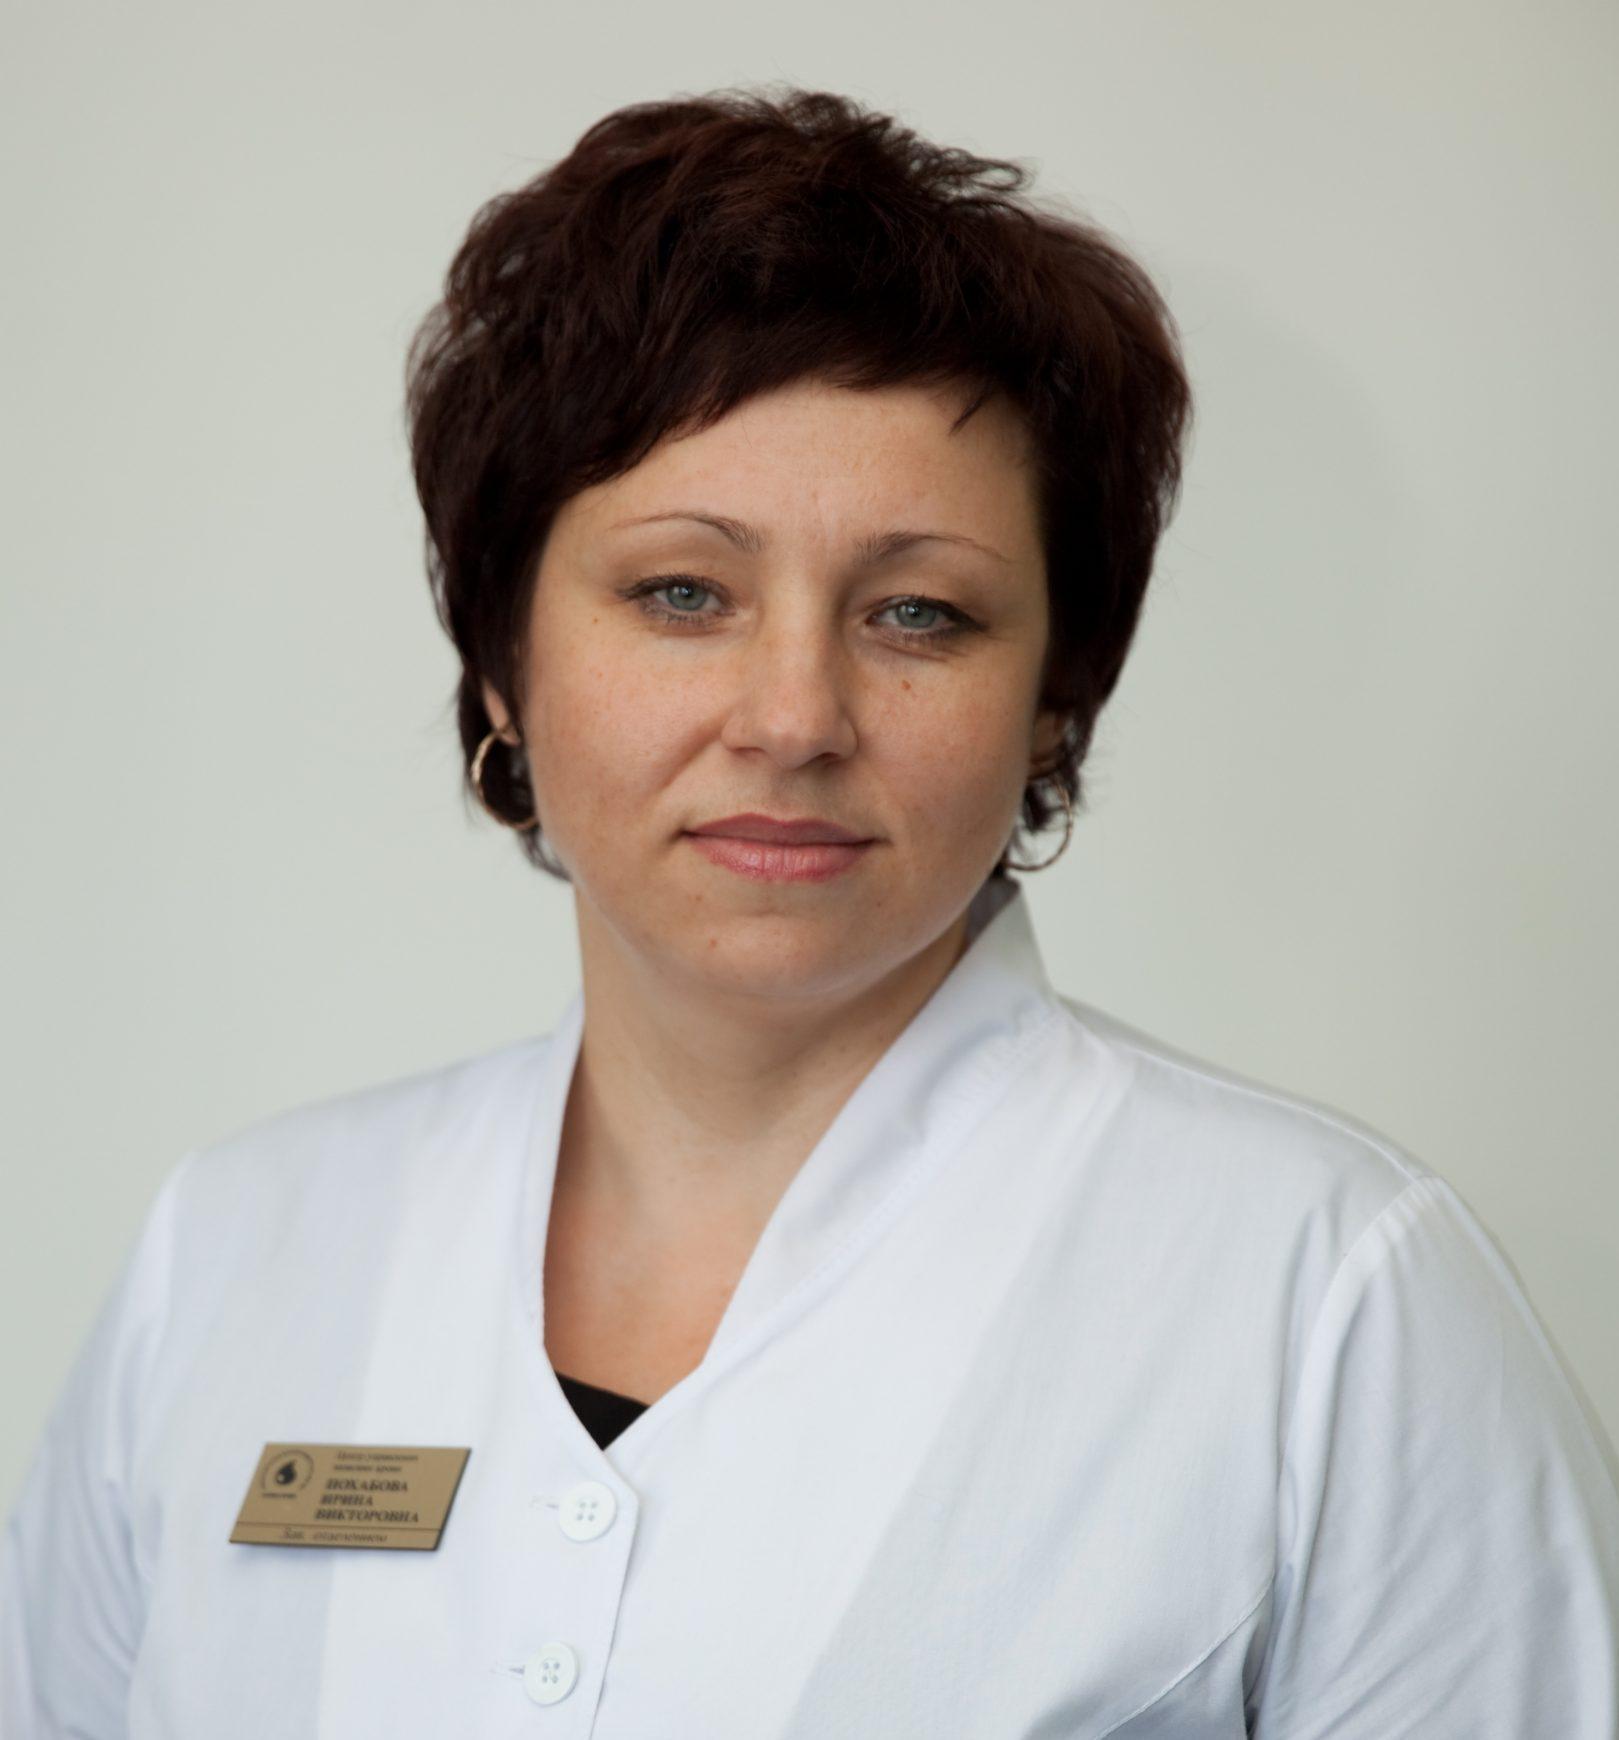 заведующая Центром управления запасами крови, врач-трансфузиолог высшей категории